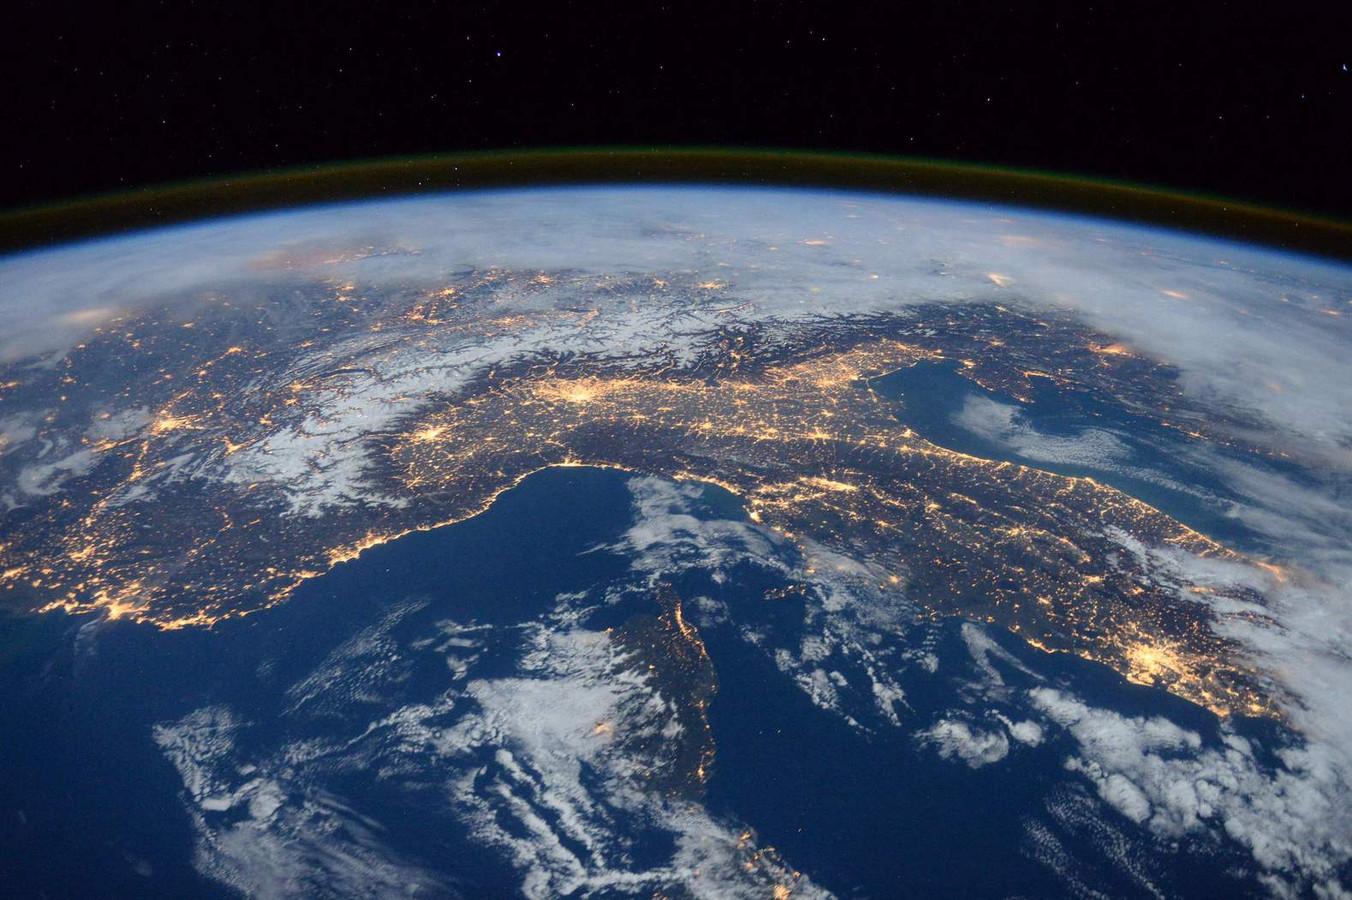 Sterren steeds minder goed te zien door lichtvervuiling foto - Thuis schommelstoel van de wereld ...